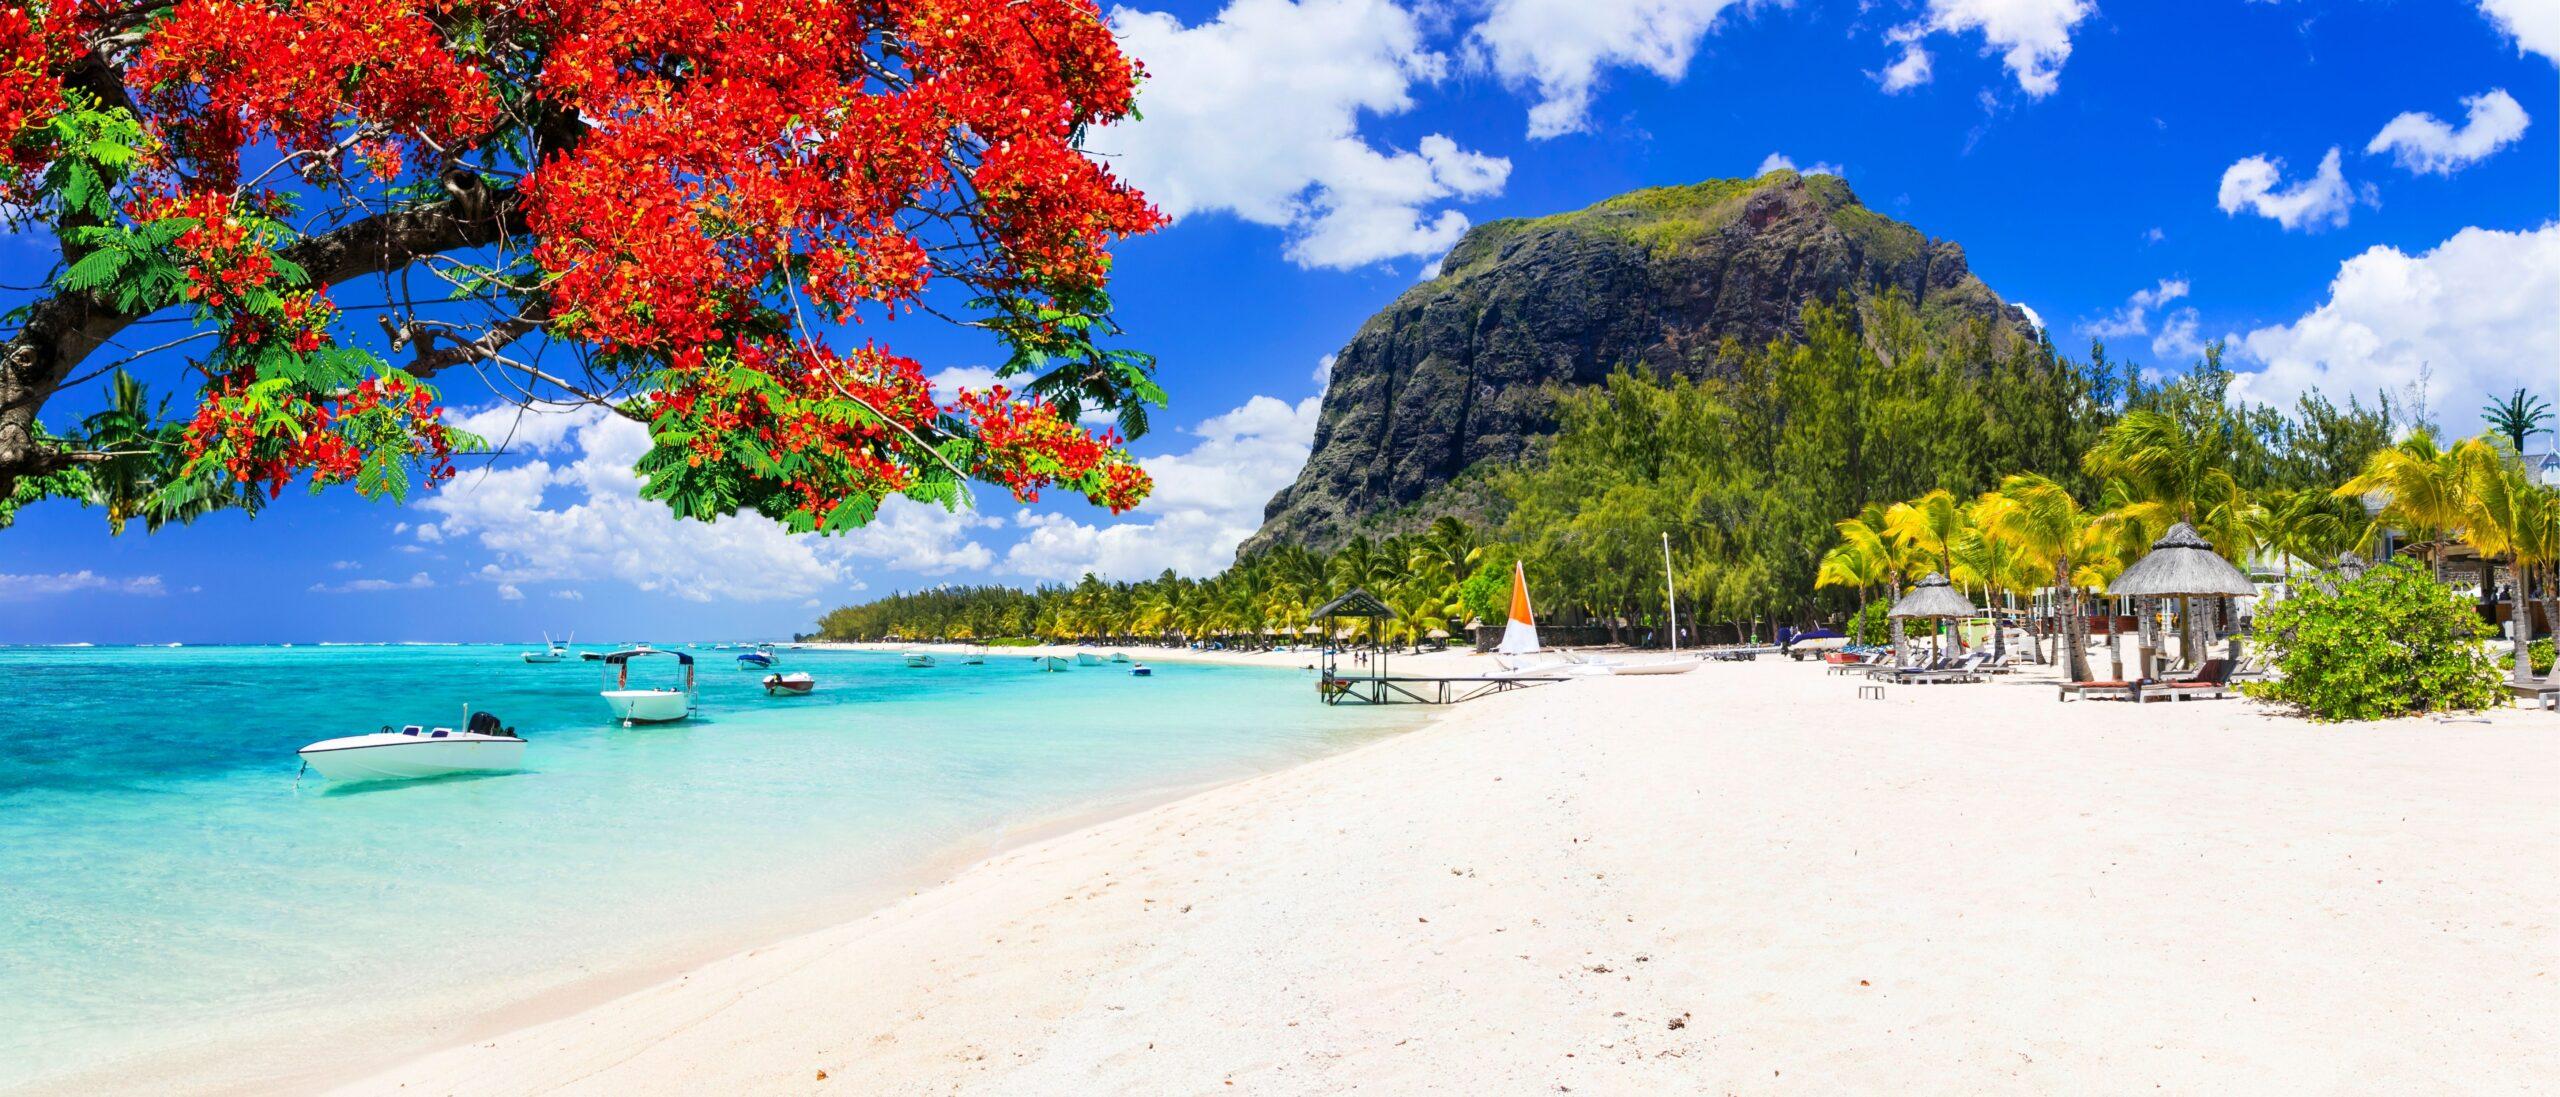 Mauritius beach day